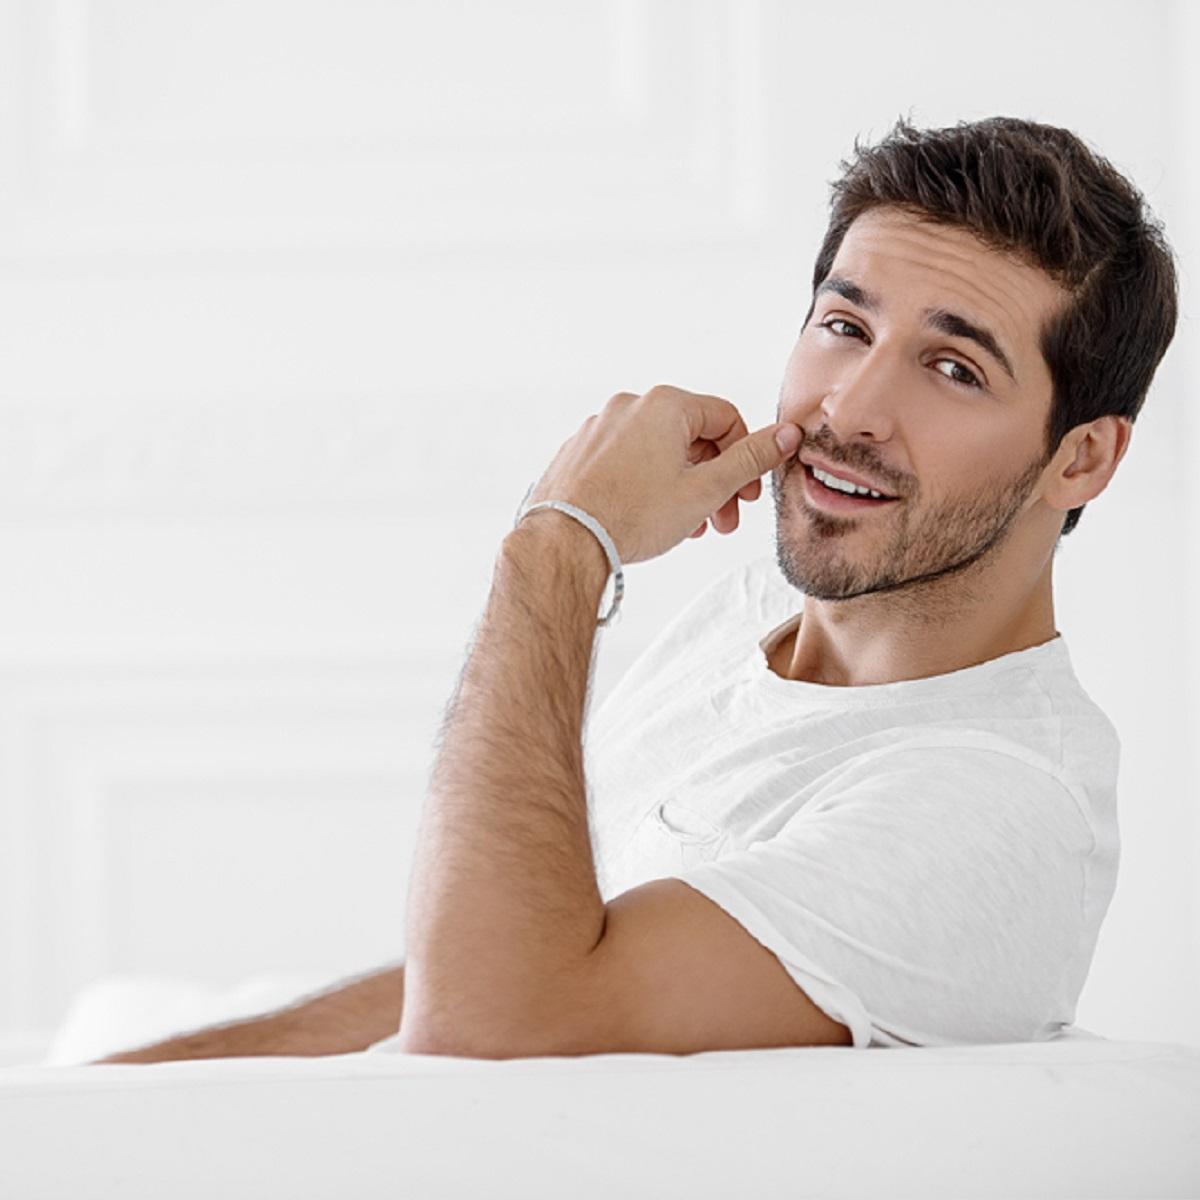 MEESTE TERVIS – 5 vitamiini ja toitainet millest võib kasu olla paljudele täiskasvanud meestele